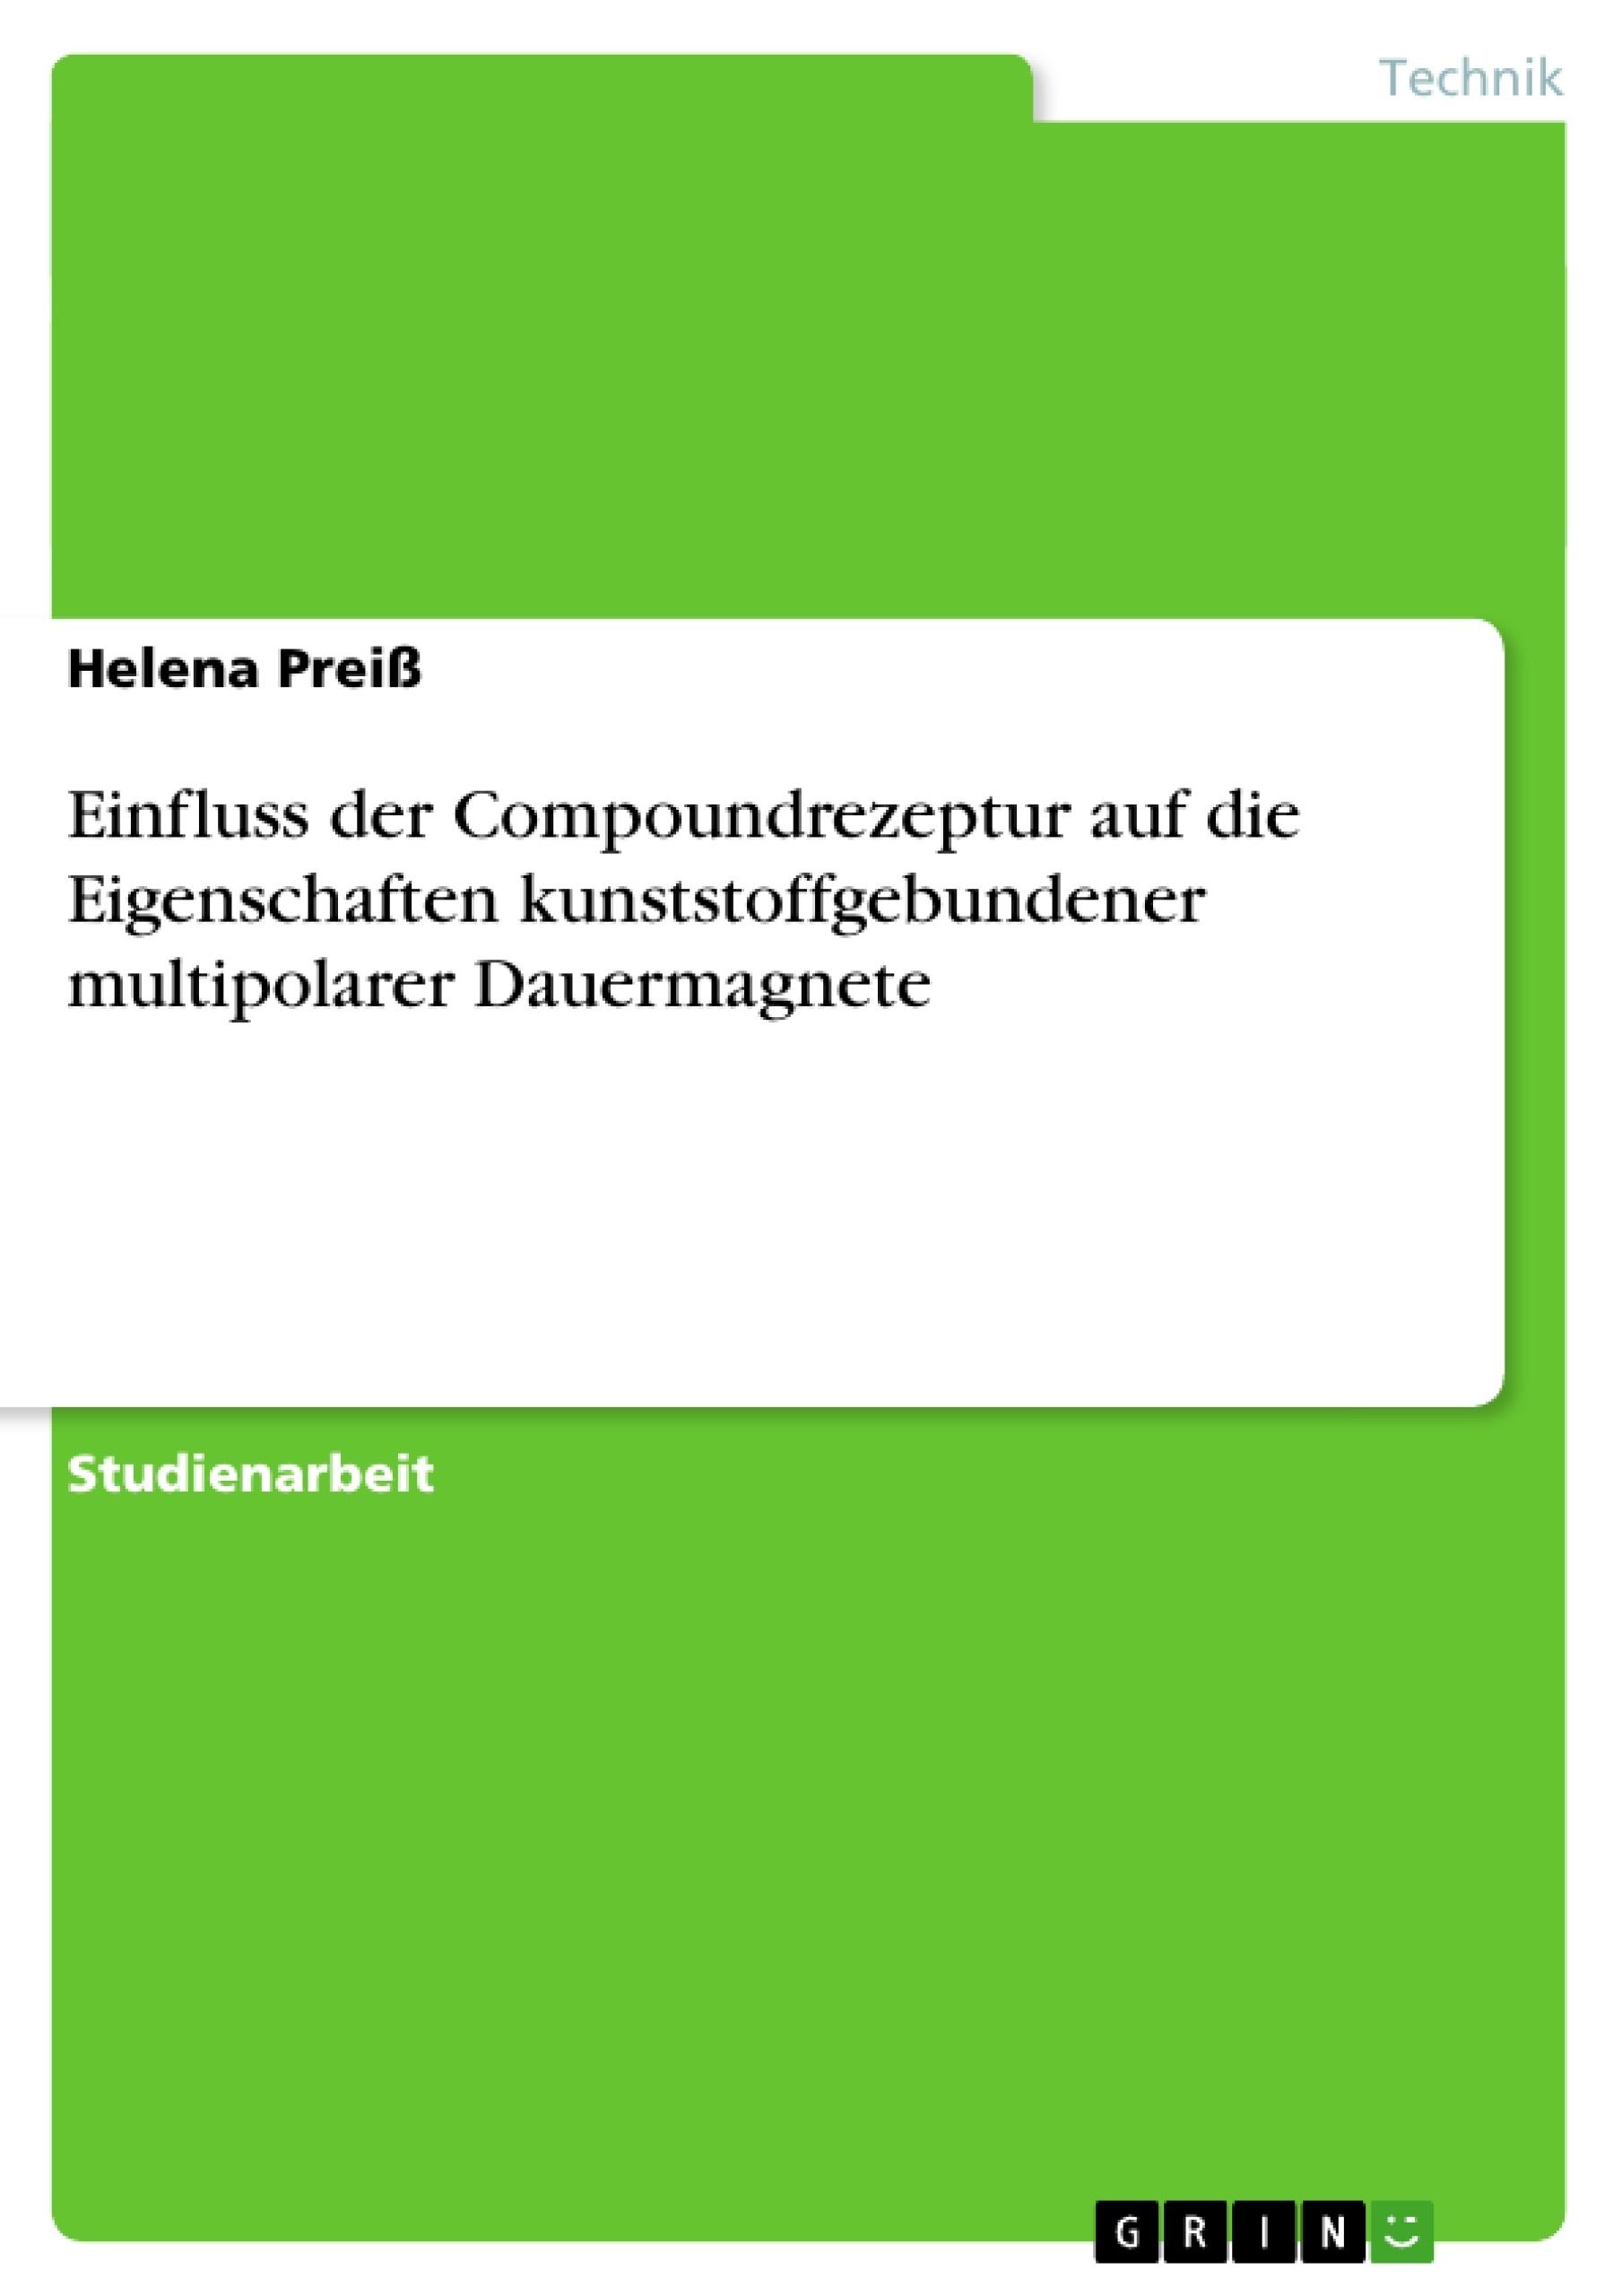 Titel: Einfluss der Compoundrezeptur auf die Eigenschaften kunststoffgebundener multipolarer Dauermagnete